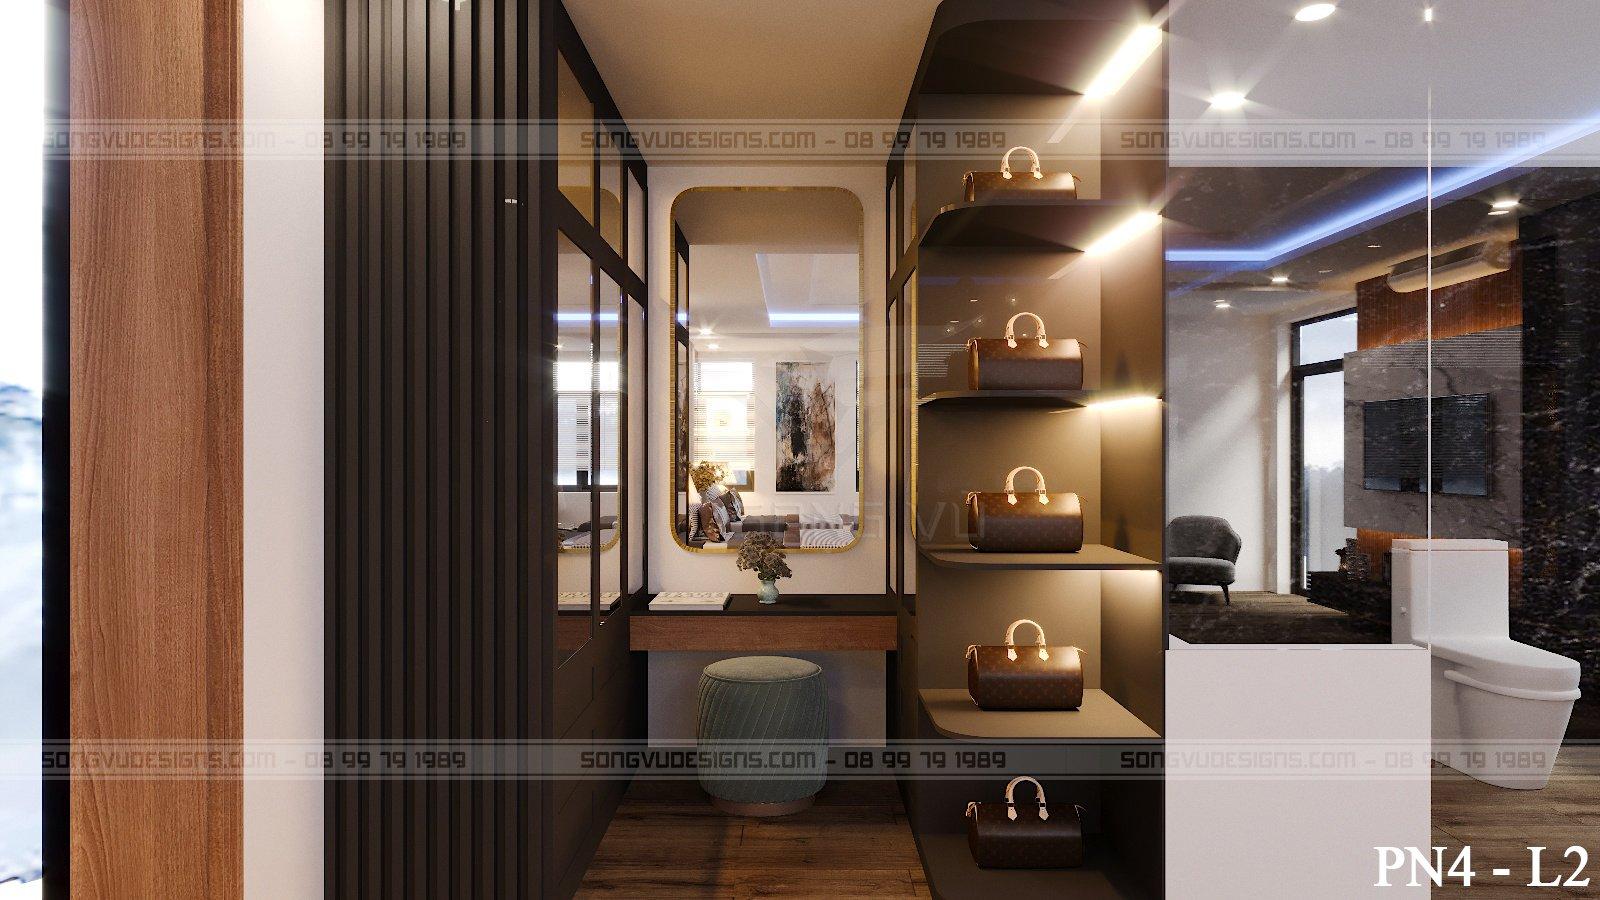 Phòng ngủ sang trọng nội thất Song Vũ